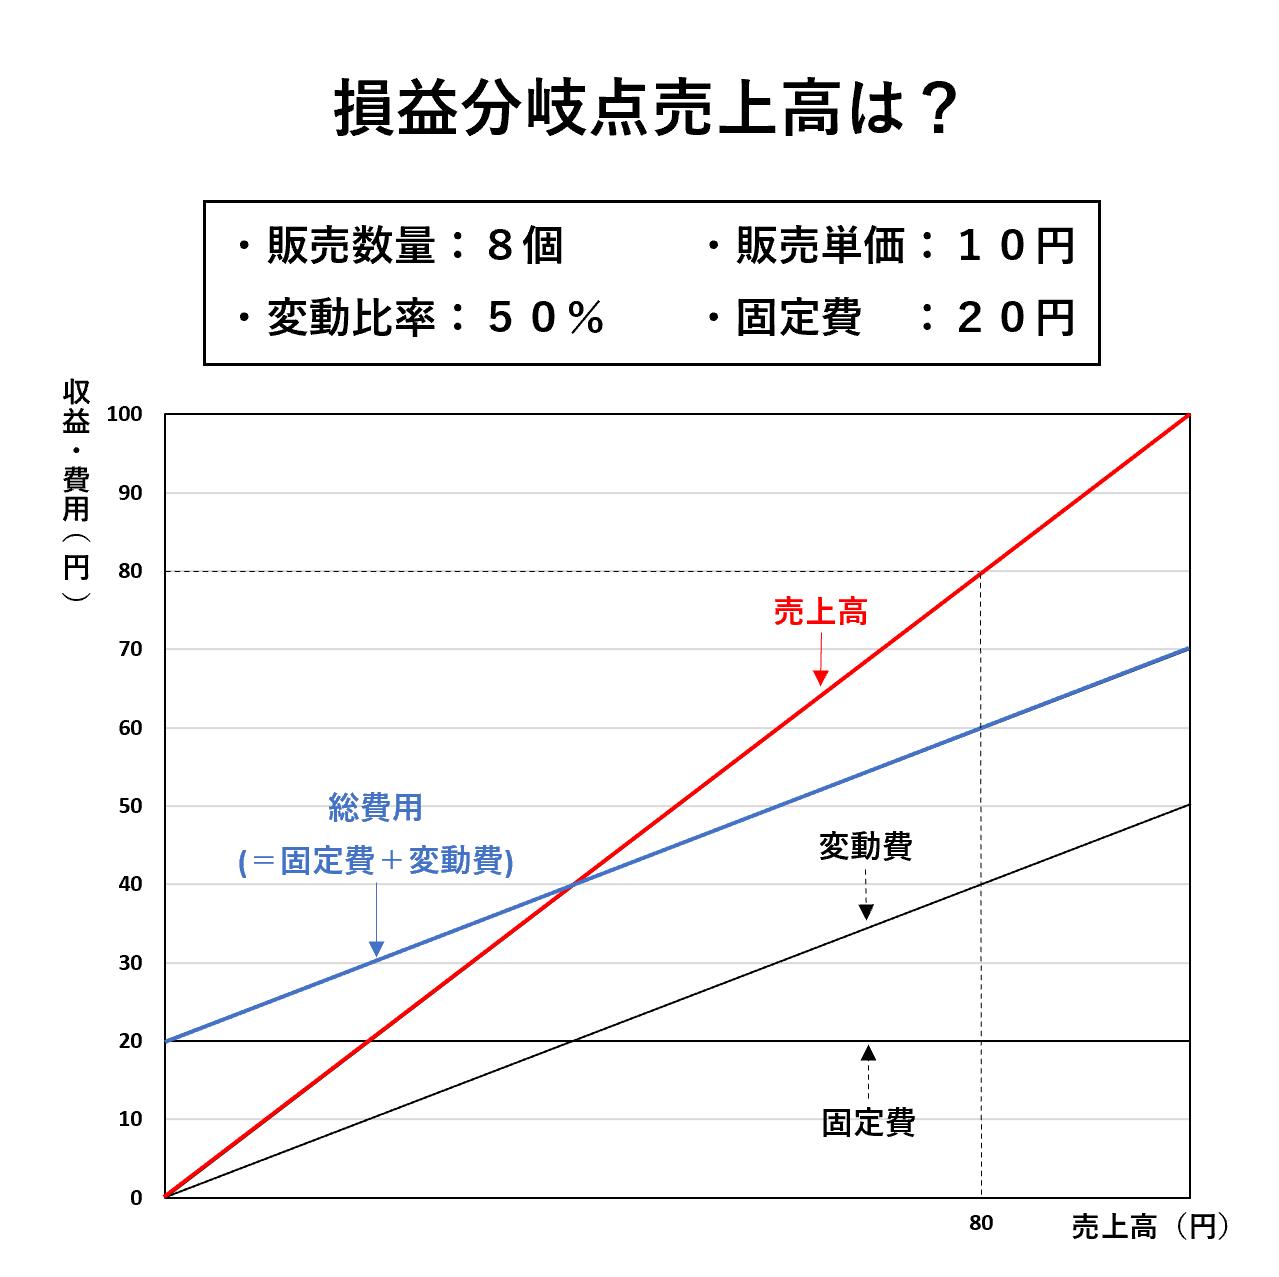 損益分岐点分析(2級):損益分岐点売上高ー問題